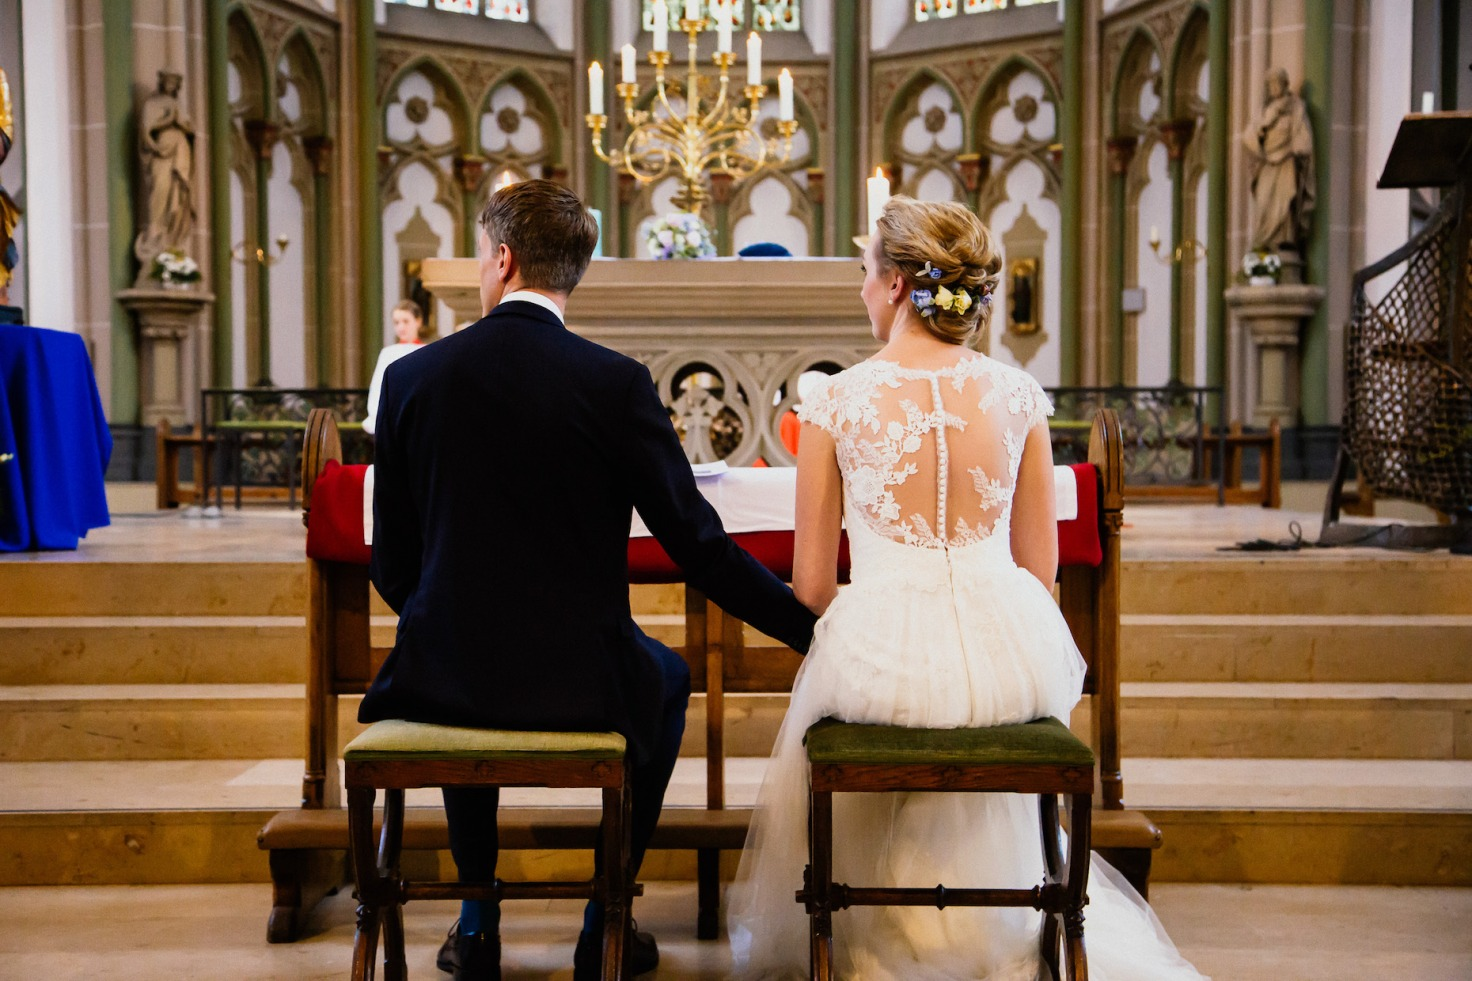 Hochzeit von Tine und Basti in Münster: vor dem Hochzeitsaltar